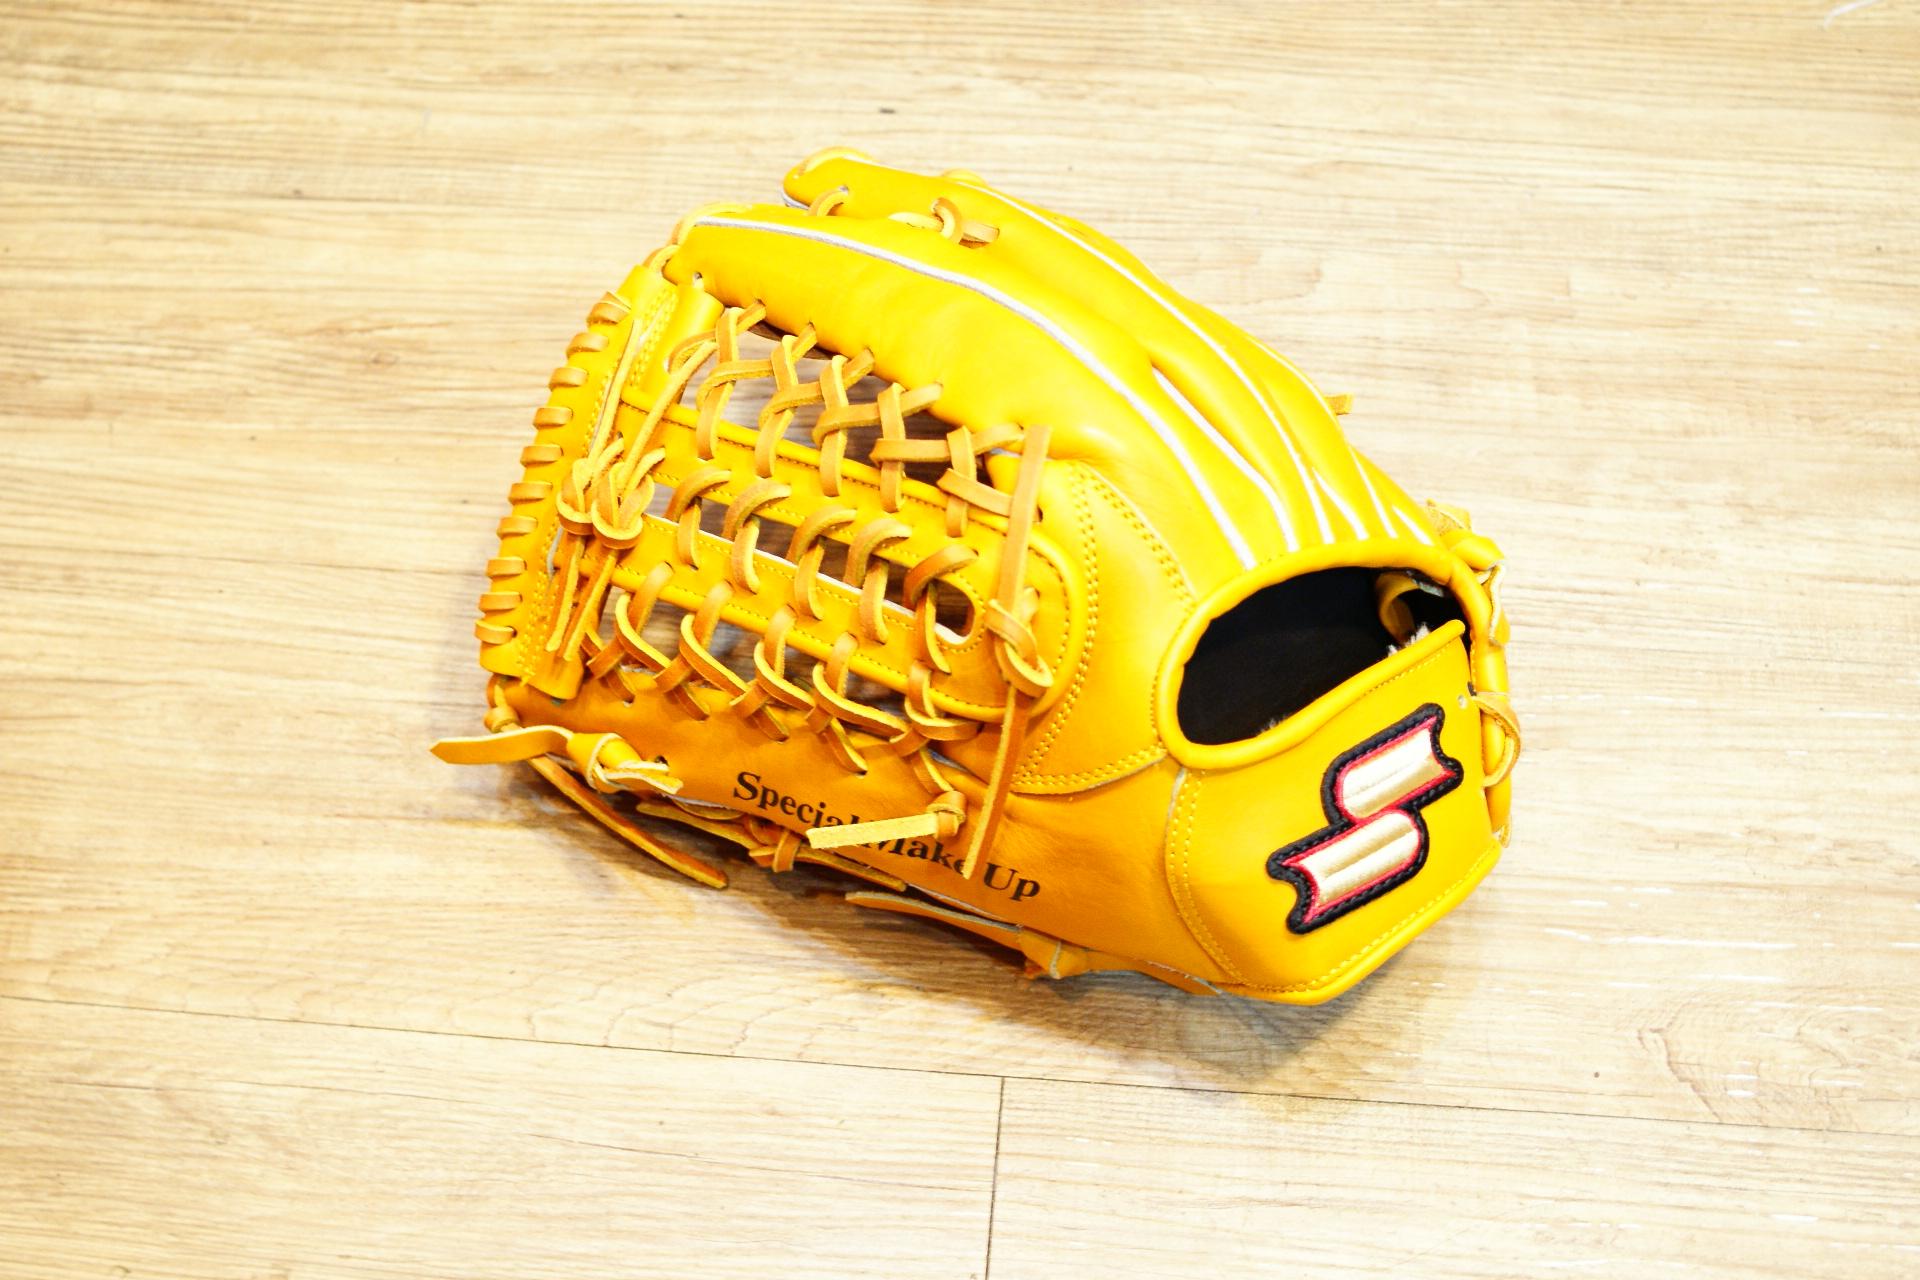 棒球世界全新SSK金標全牛皮棒壘球手套外野手用 特價 原皮色 U網球檔 65折 反手